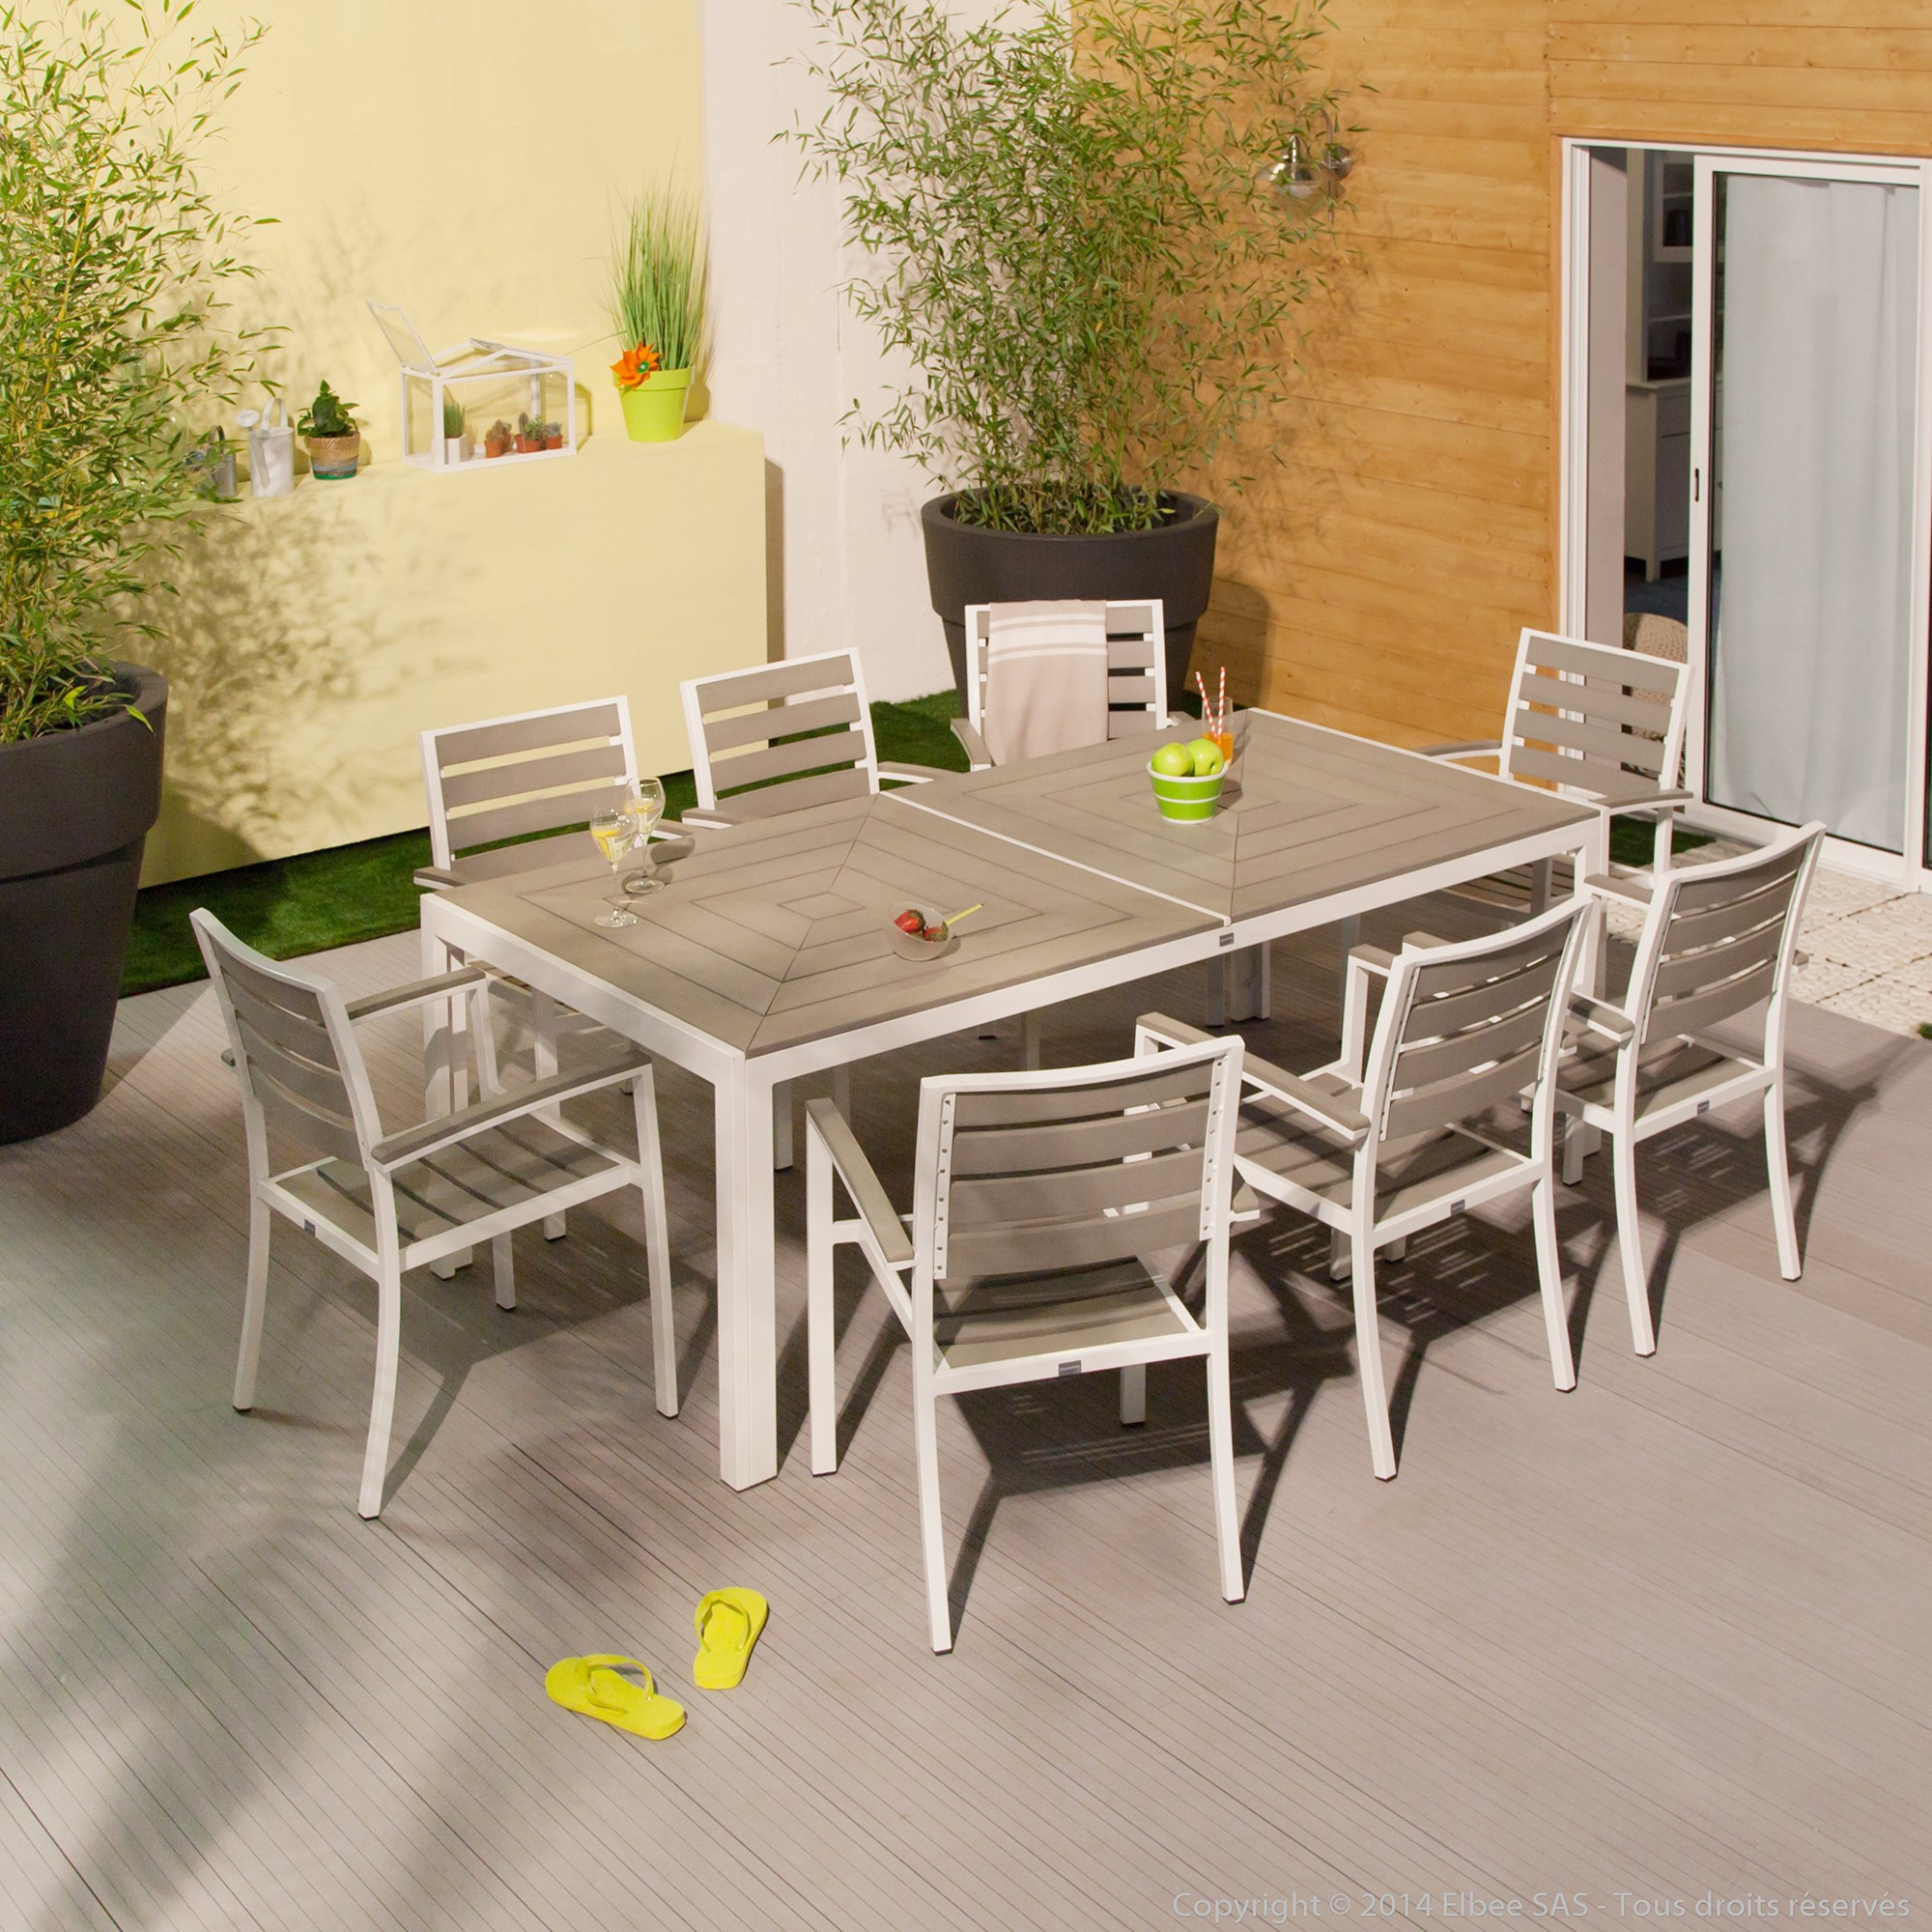 Salon de jardin ovale fidgi en acacia 4 chaises - Mailleraye.fr jardin